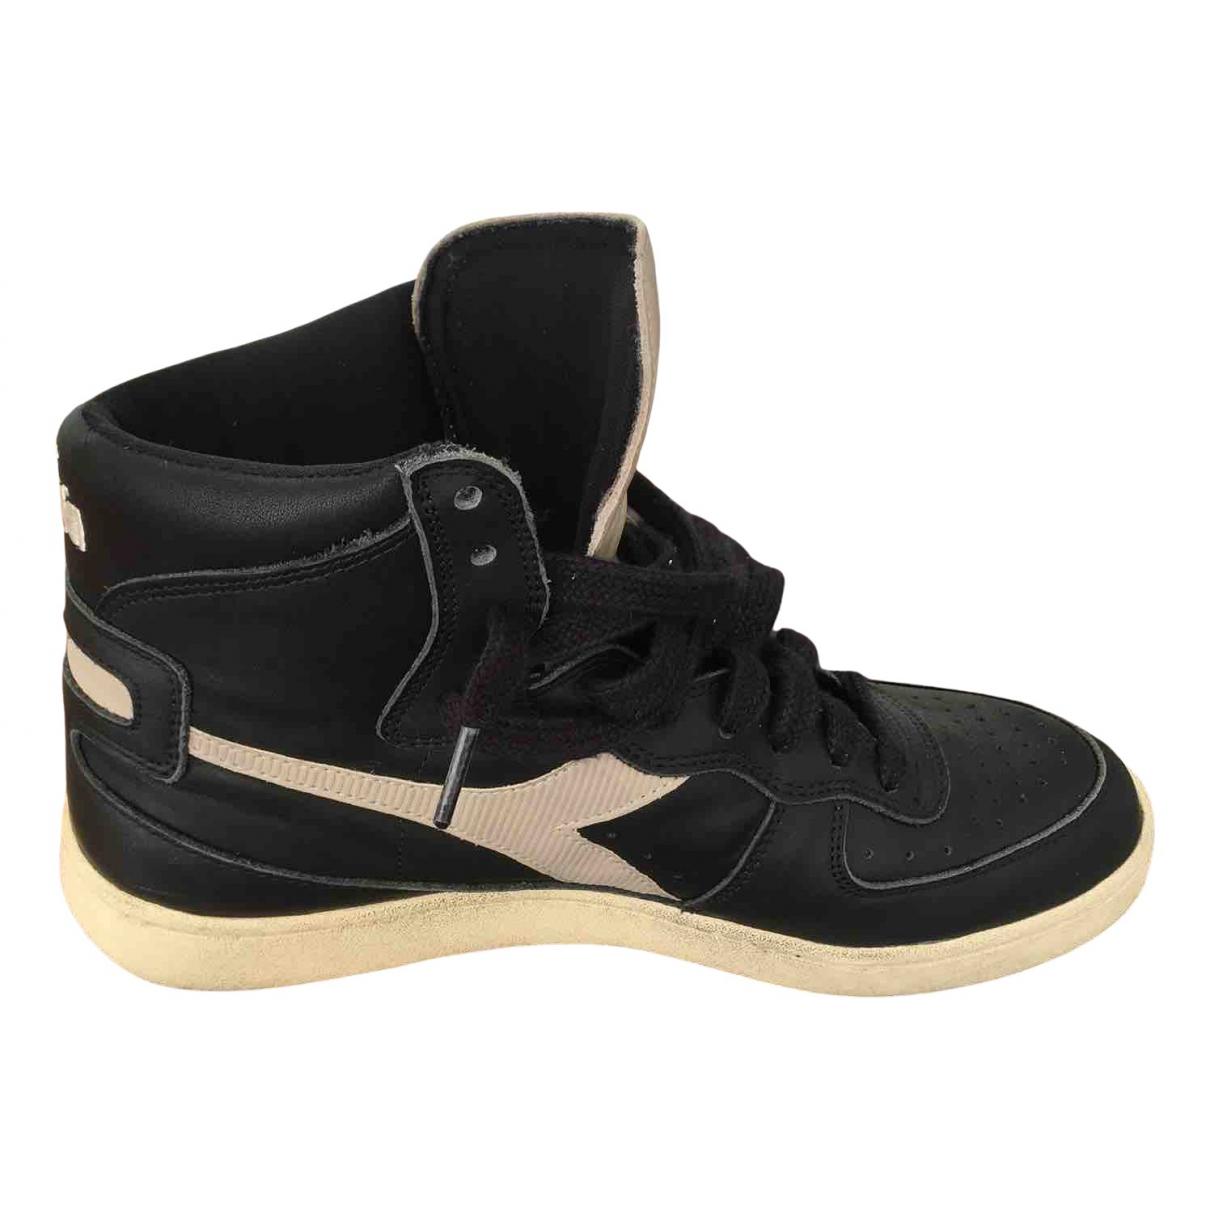 Diadora Heritage - Baskets   pour homme en cuir - noir